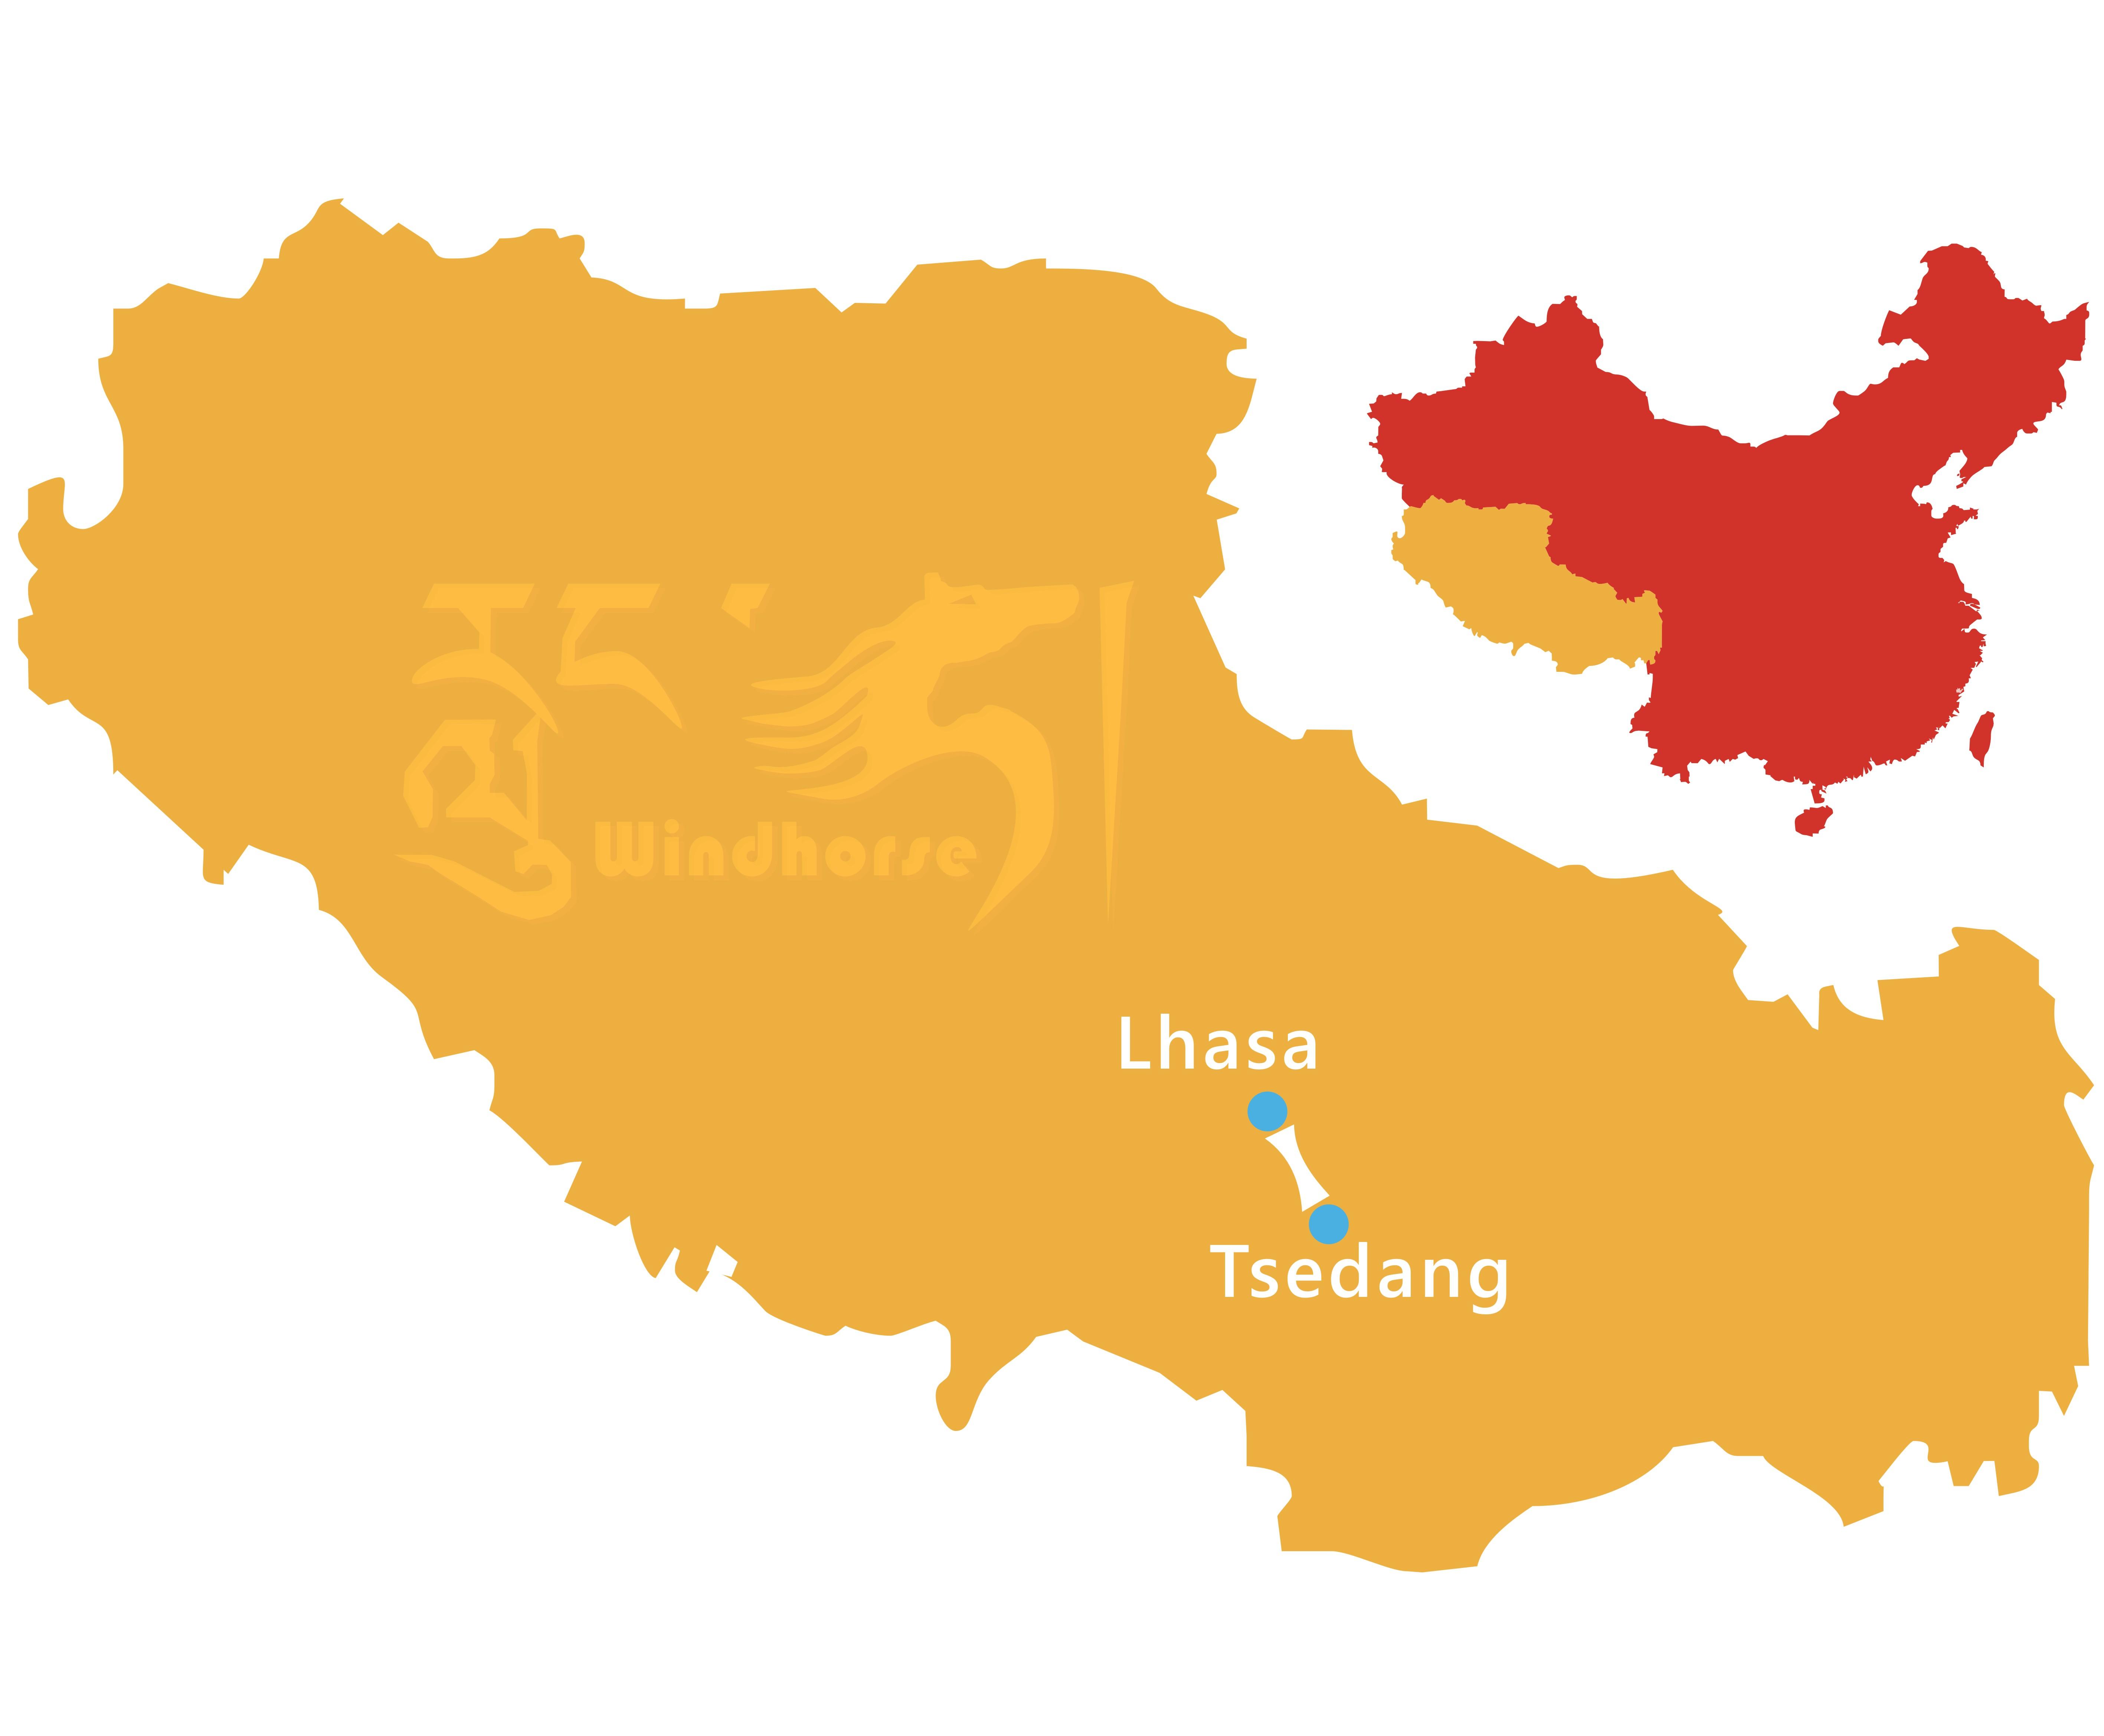 Tibetan New Year Tour Route